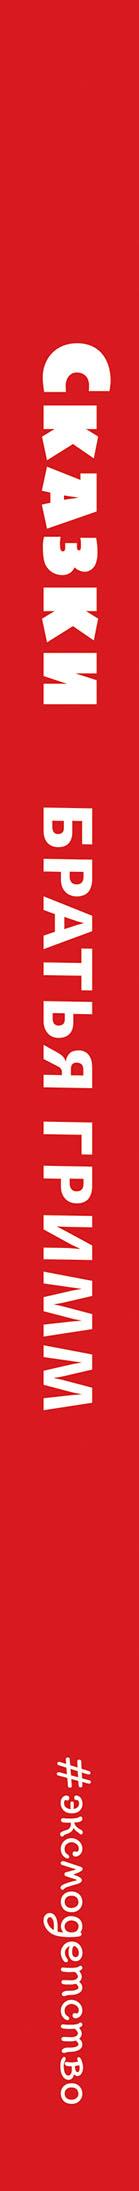 Сказки братьев Гримм. Синий сборник (илл. Ф. Кун и Г. Маузер-Лихтл)